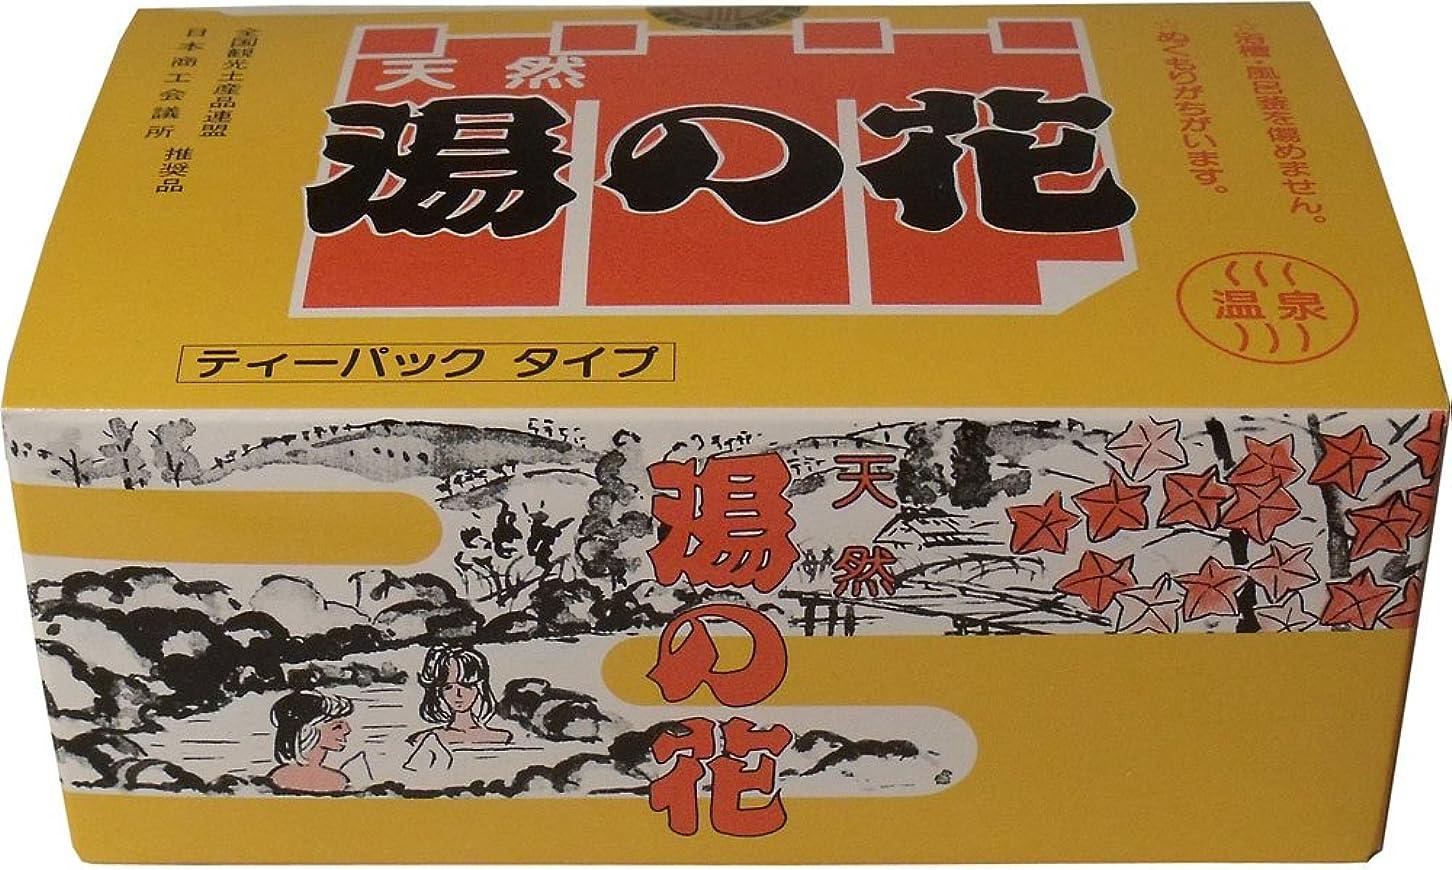 少ないトロイの木馬デクリメント天然湯の花 徳用箱入 HT20(ティーパックタイプ) 15g×20包入 ×8個セット